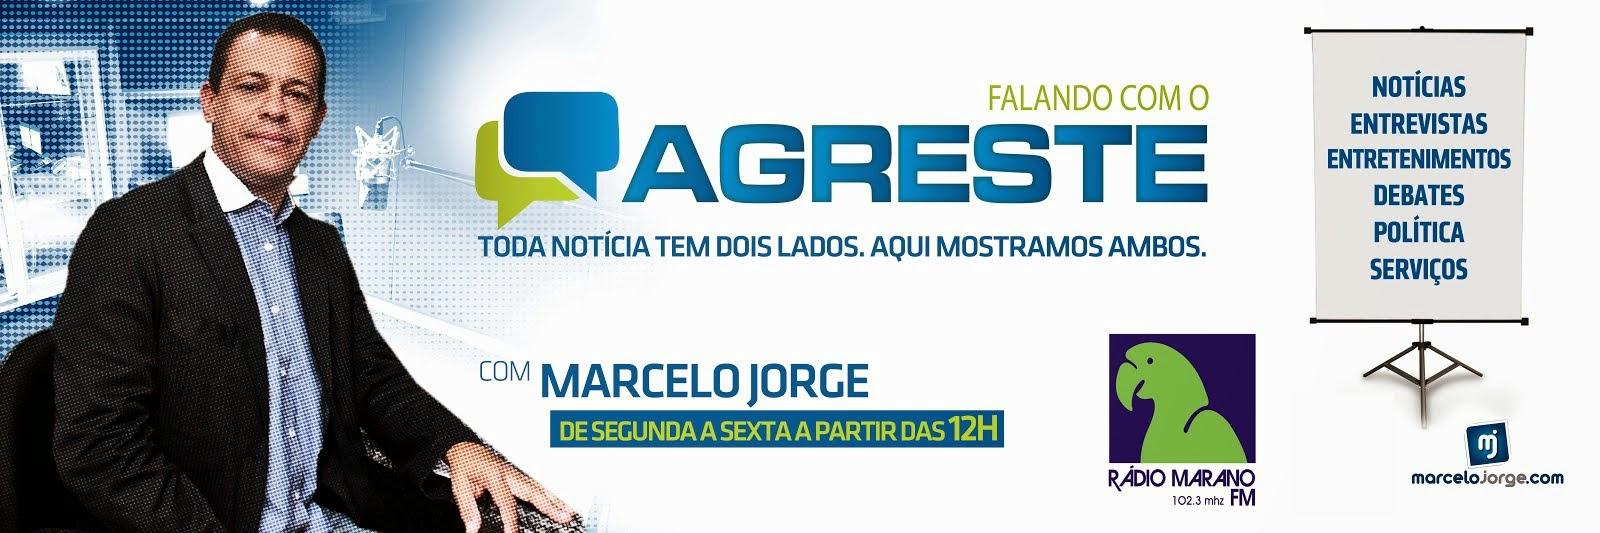 MarceloJorge.com